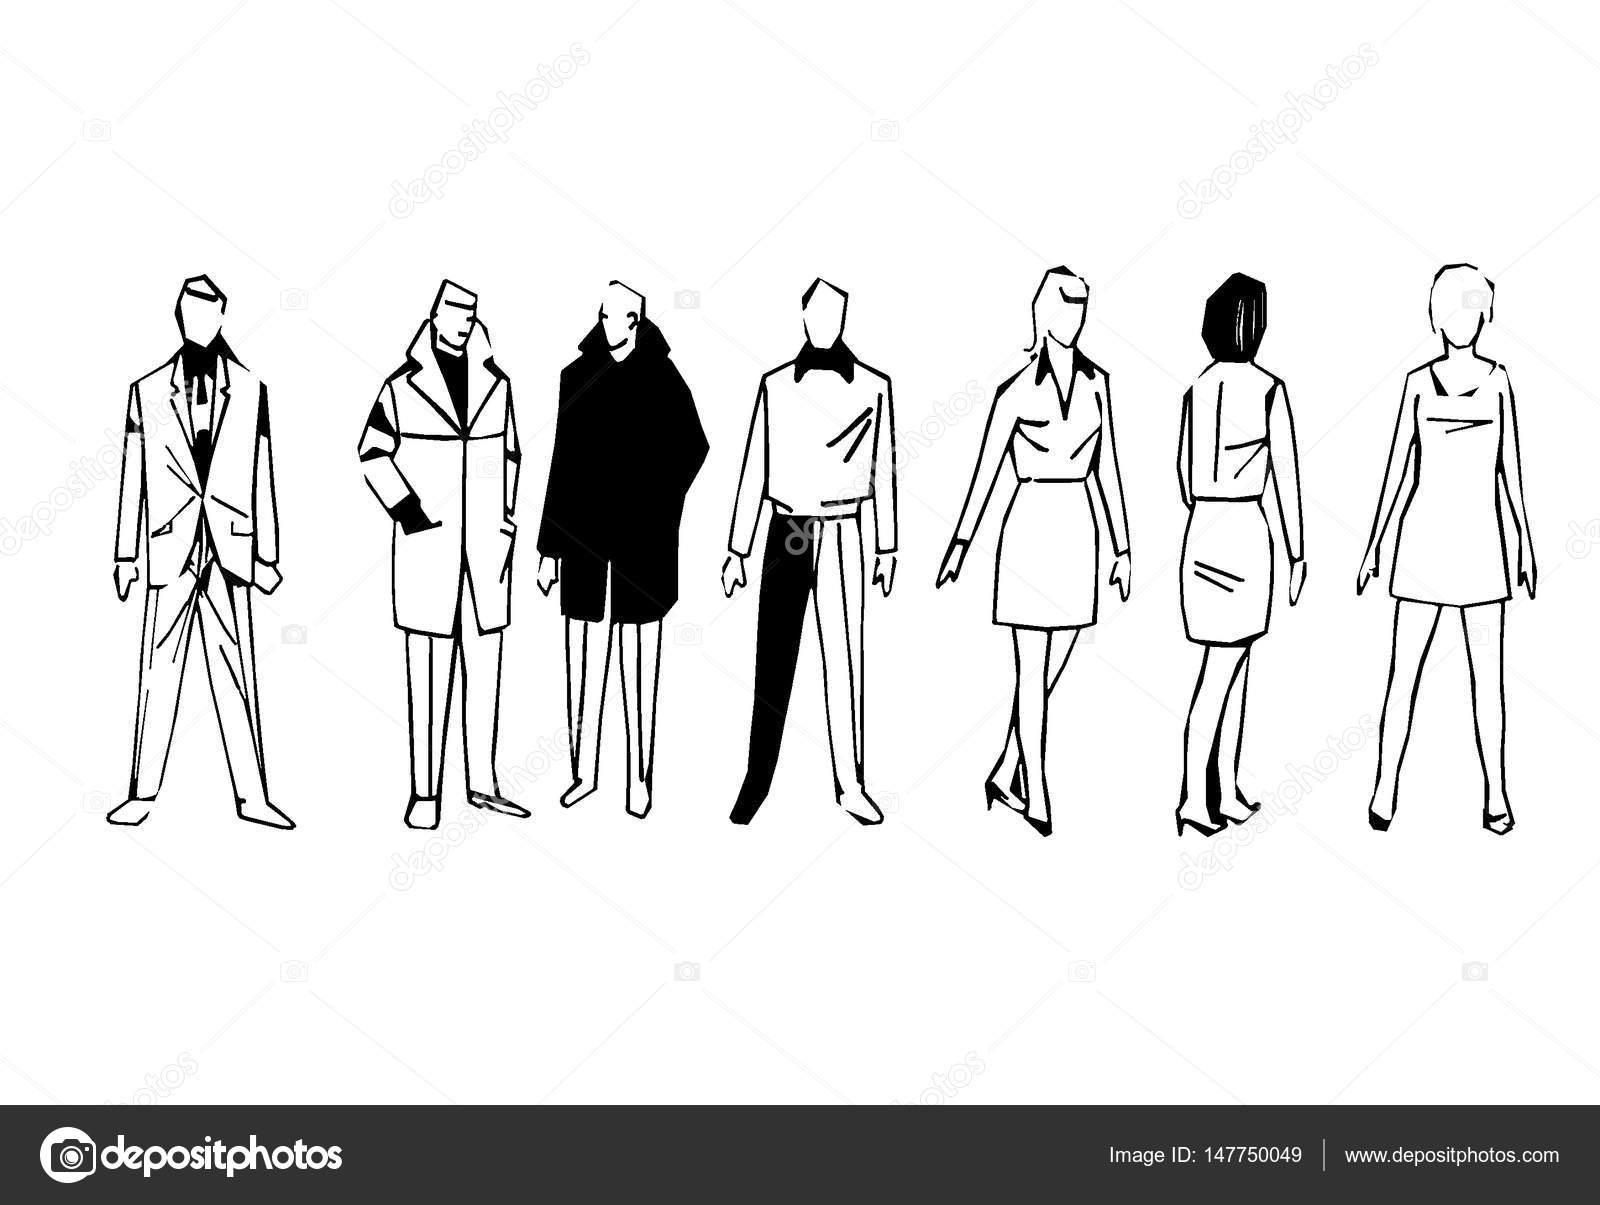 spesso figure stilizzate di uomini e donne — Foto Stock © wwaawwaa #147750049 KO96